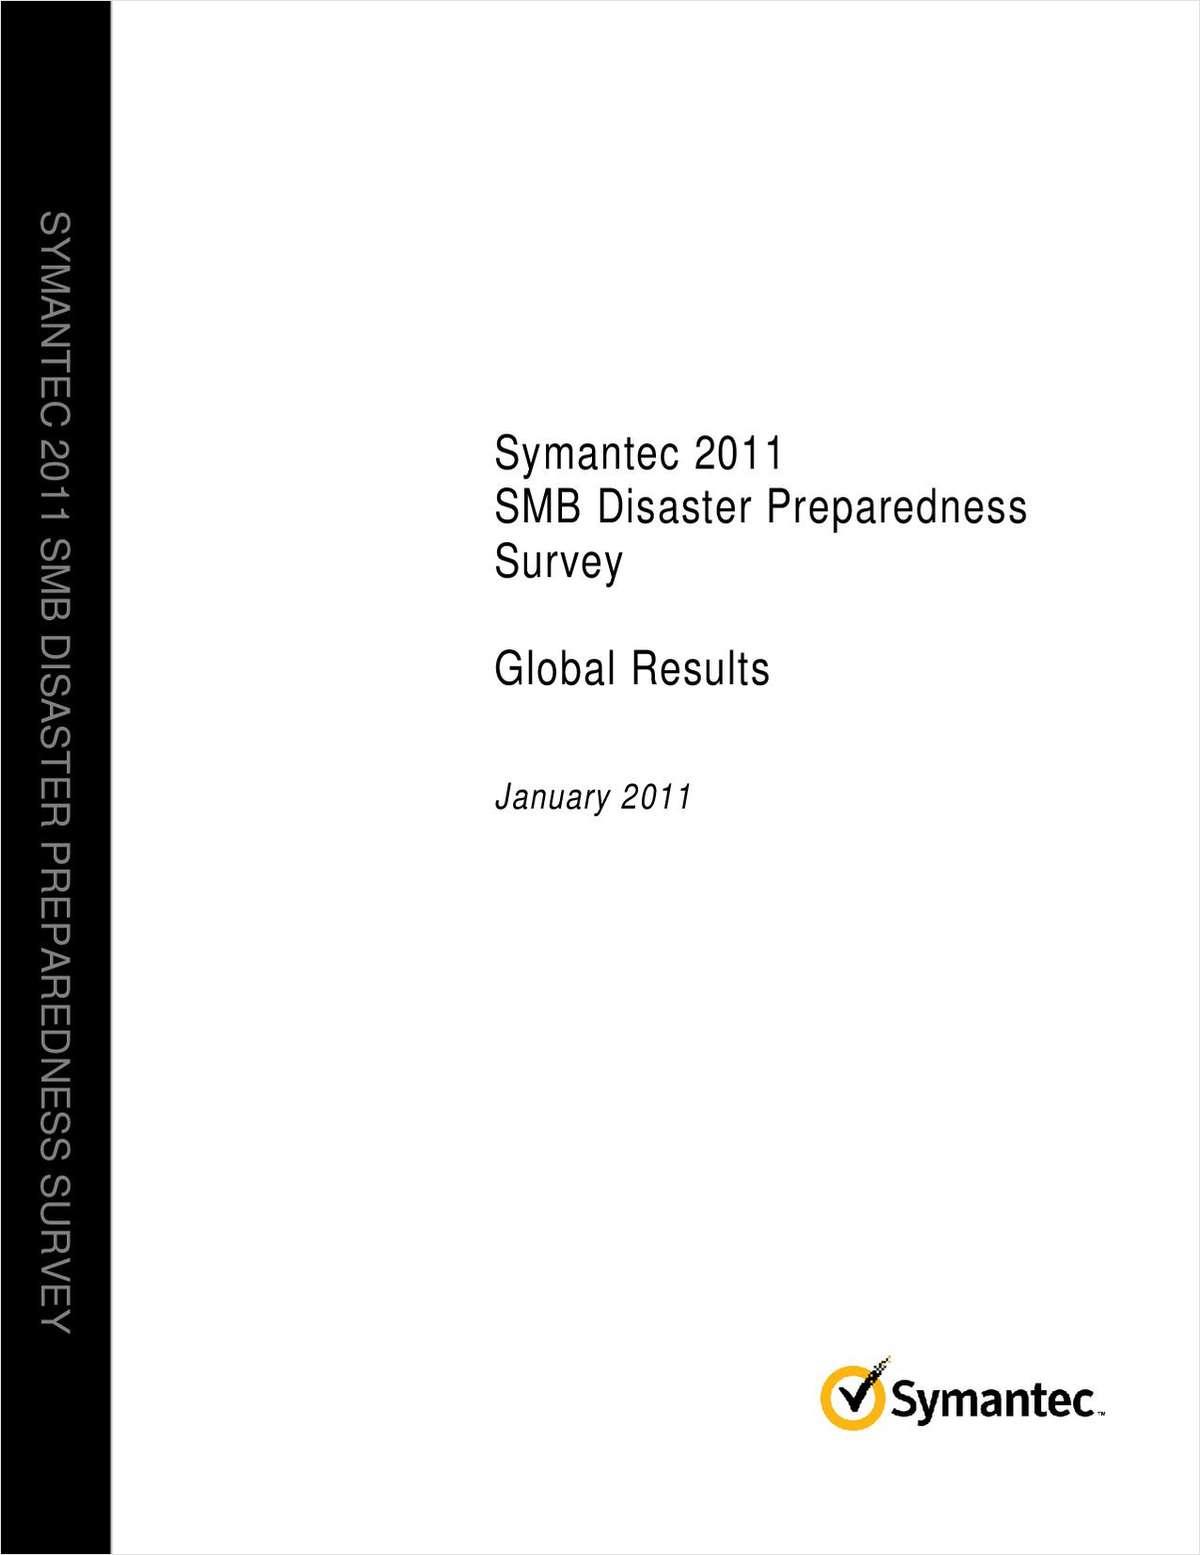 Symantec 2011 SMB Disaster Preparedness Survey